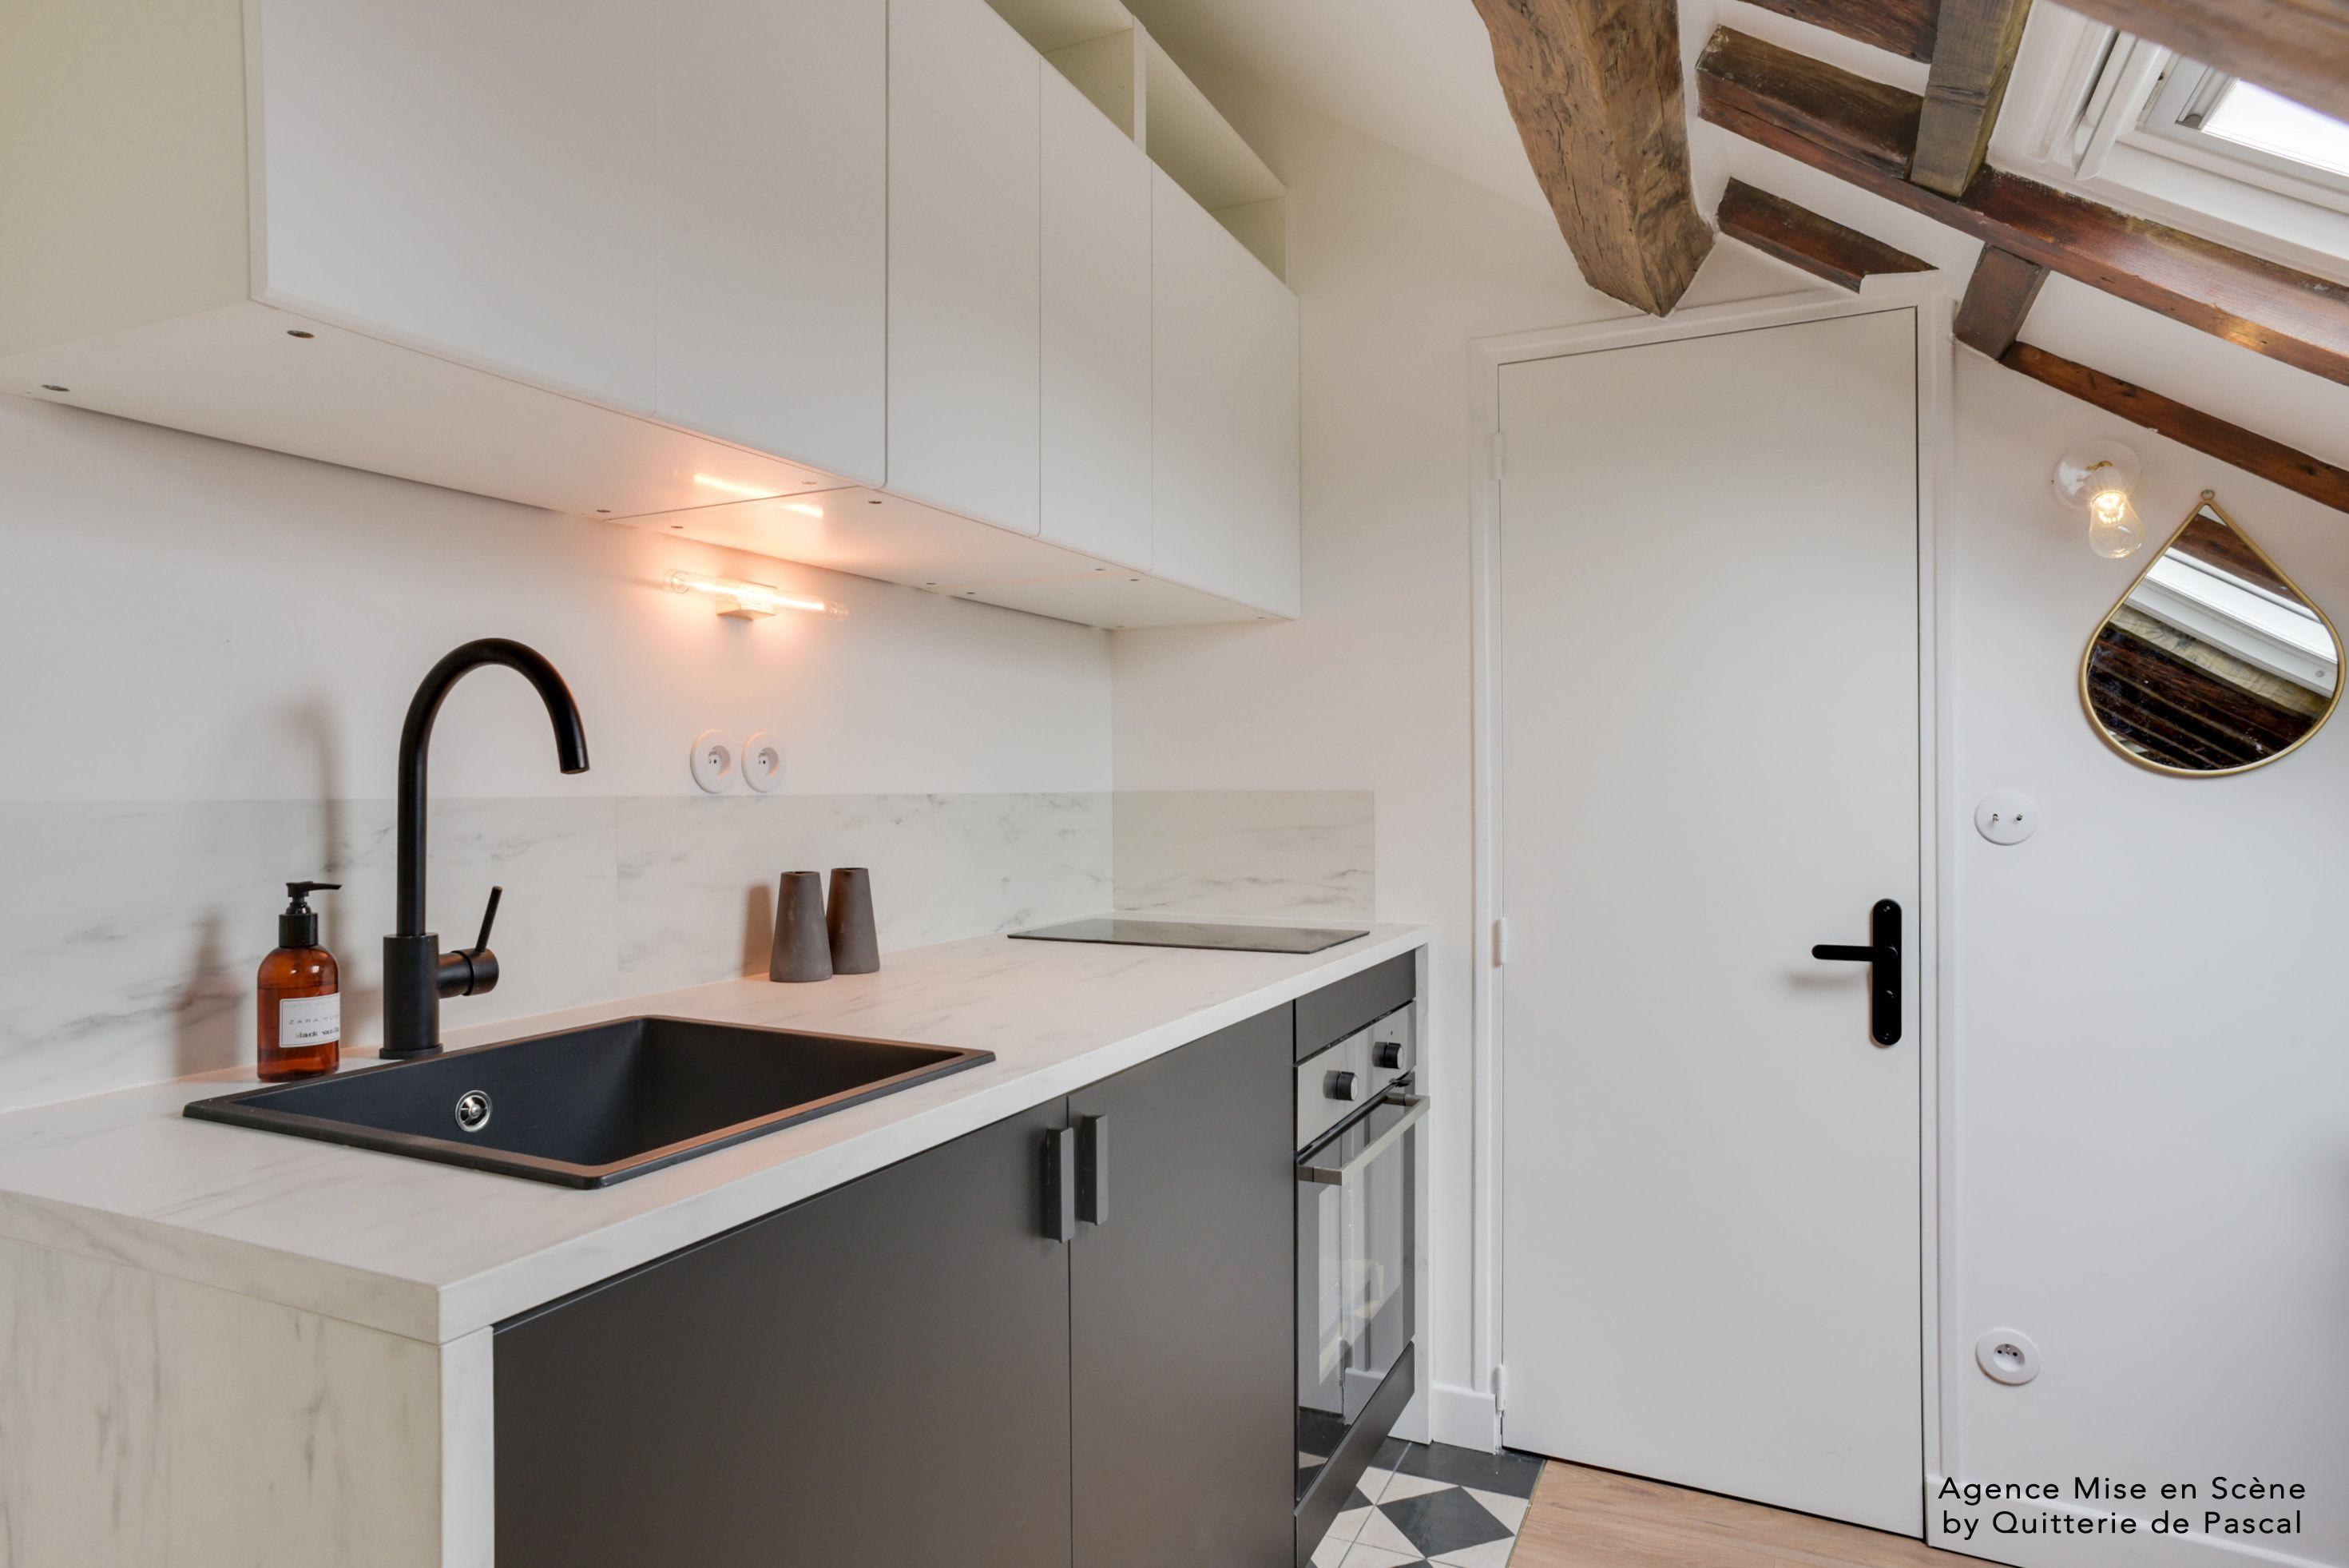 Un Studio Sous Les Combles Renoves Entierement Pour Creer Un Vrai Cocon Cuisine Ikea P Comment Amenager Un Studio Amenagement Studio Minuscules Appartements